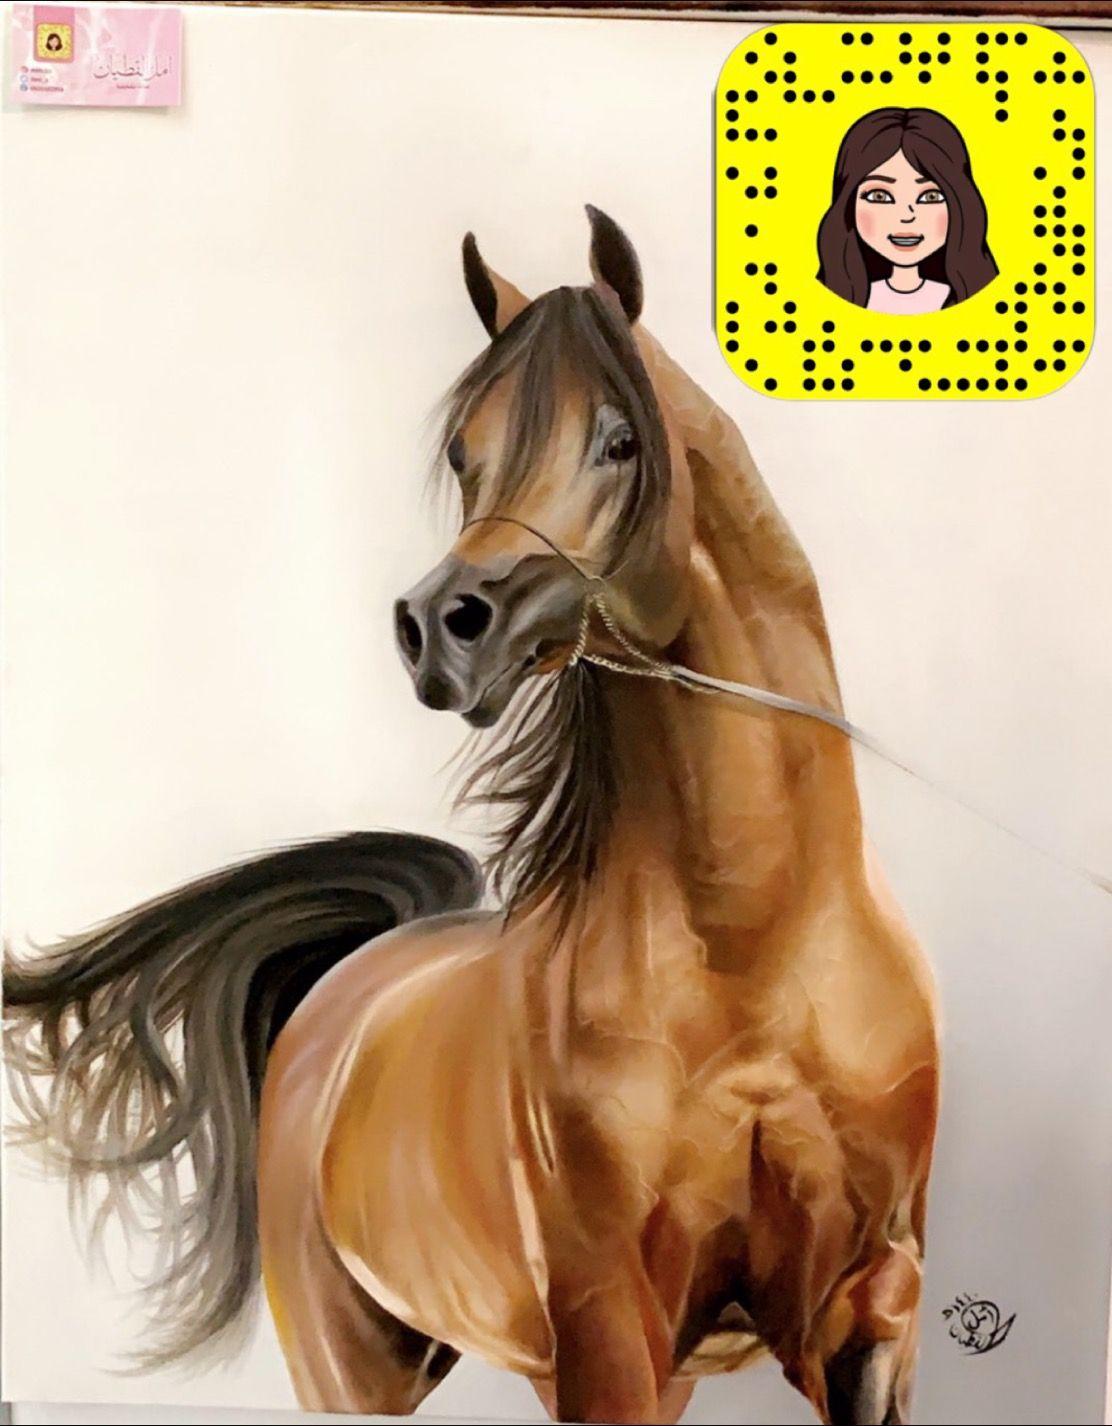 Arabian Horse الخيل العربيه Horses Animals Drawings